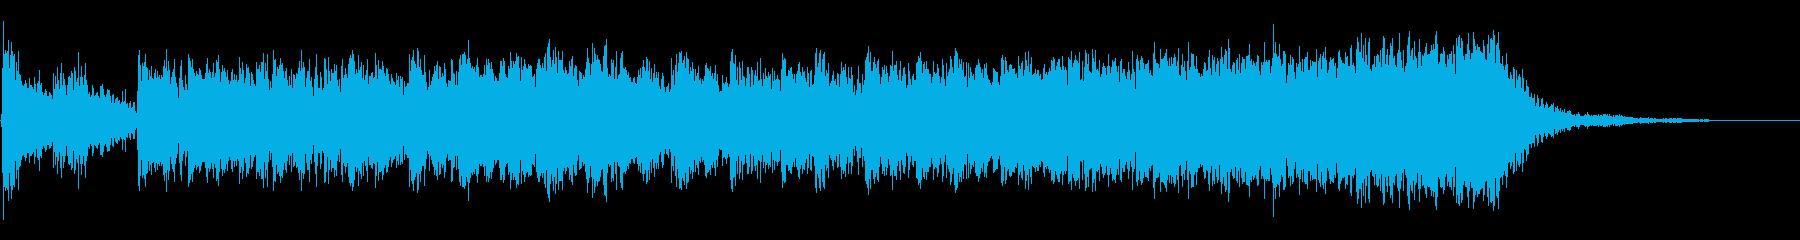 クローズパースートの再生済みの波形